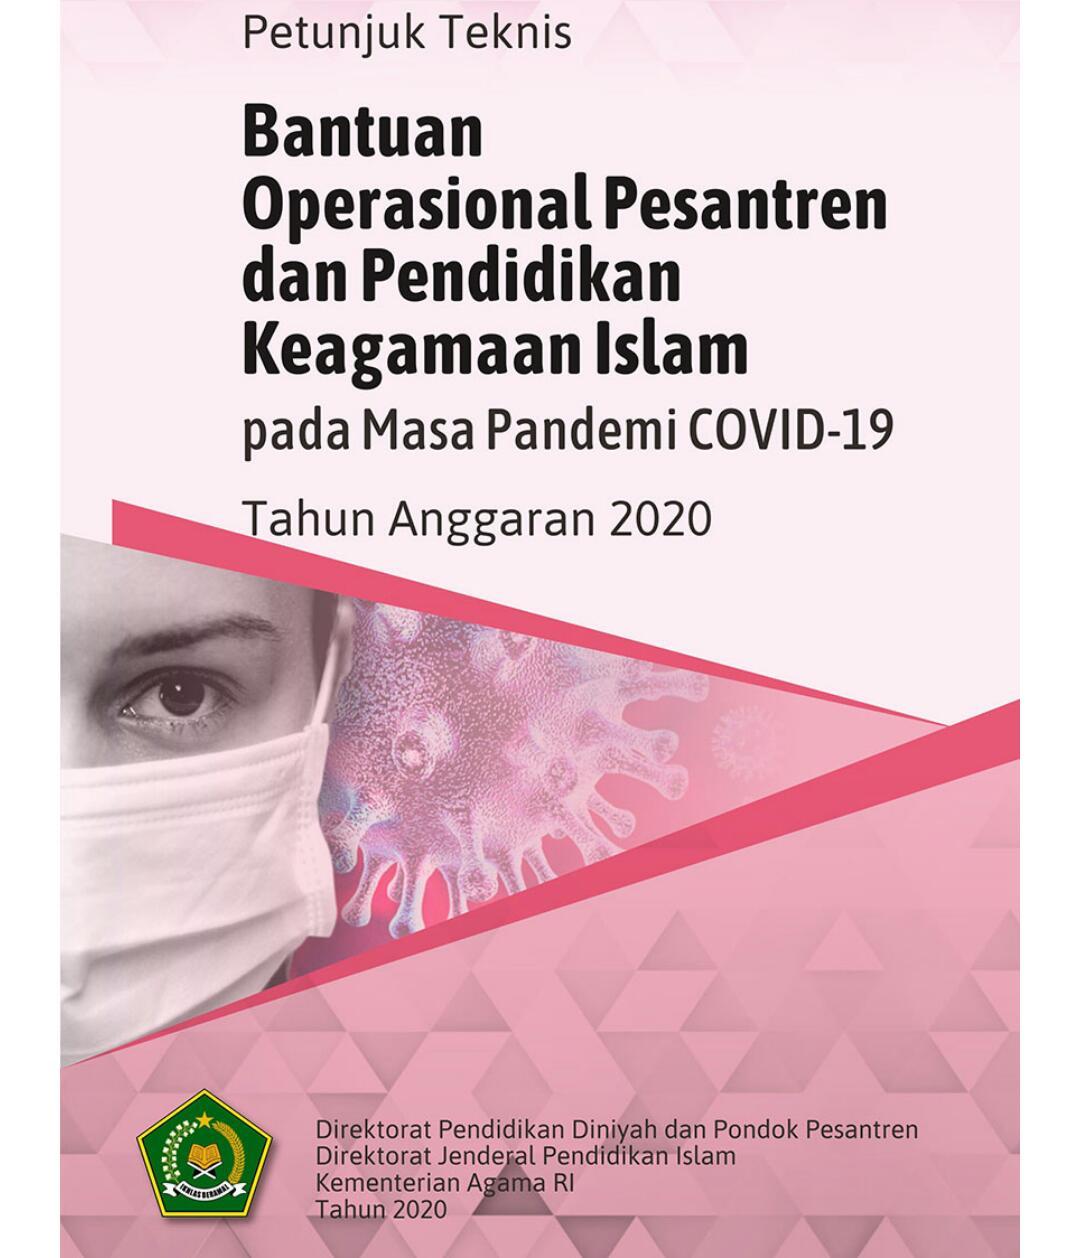 Bantuan-Operasional Pesantren dan Pendidikan Agama Islam